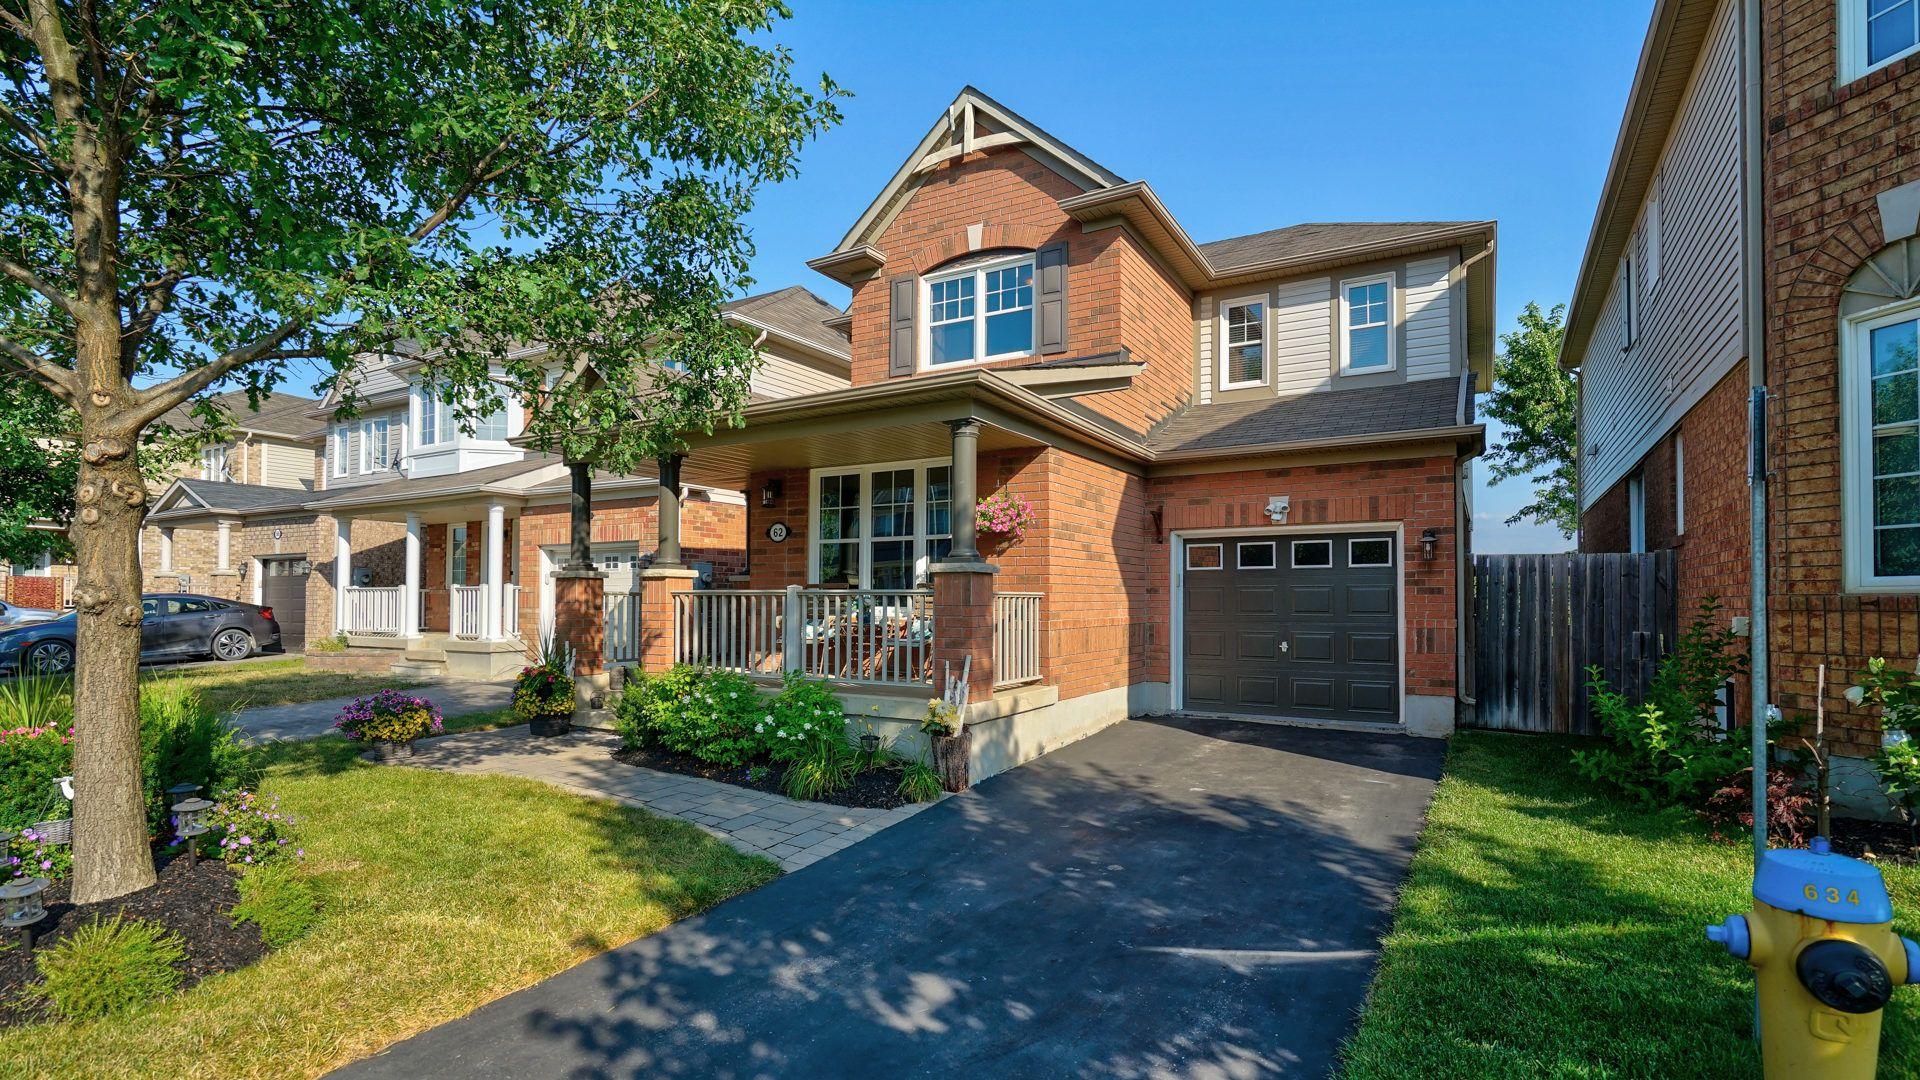 62 John W Taylor Avenue Alliston Ontario House Styles Real Estate Ontario